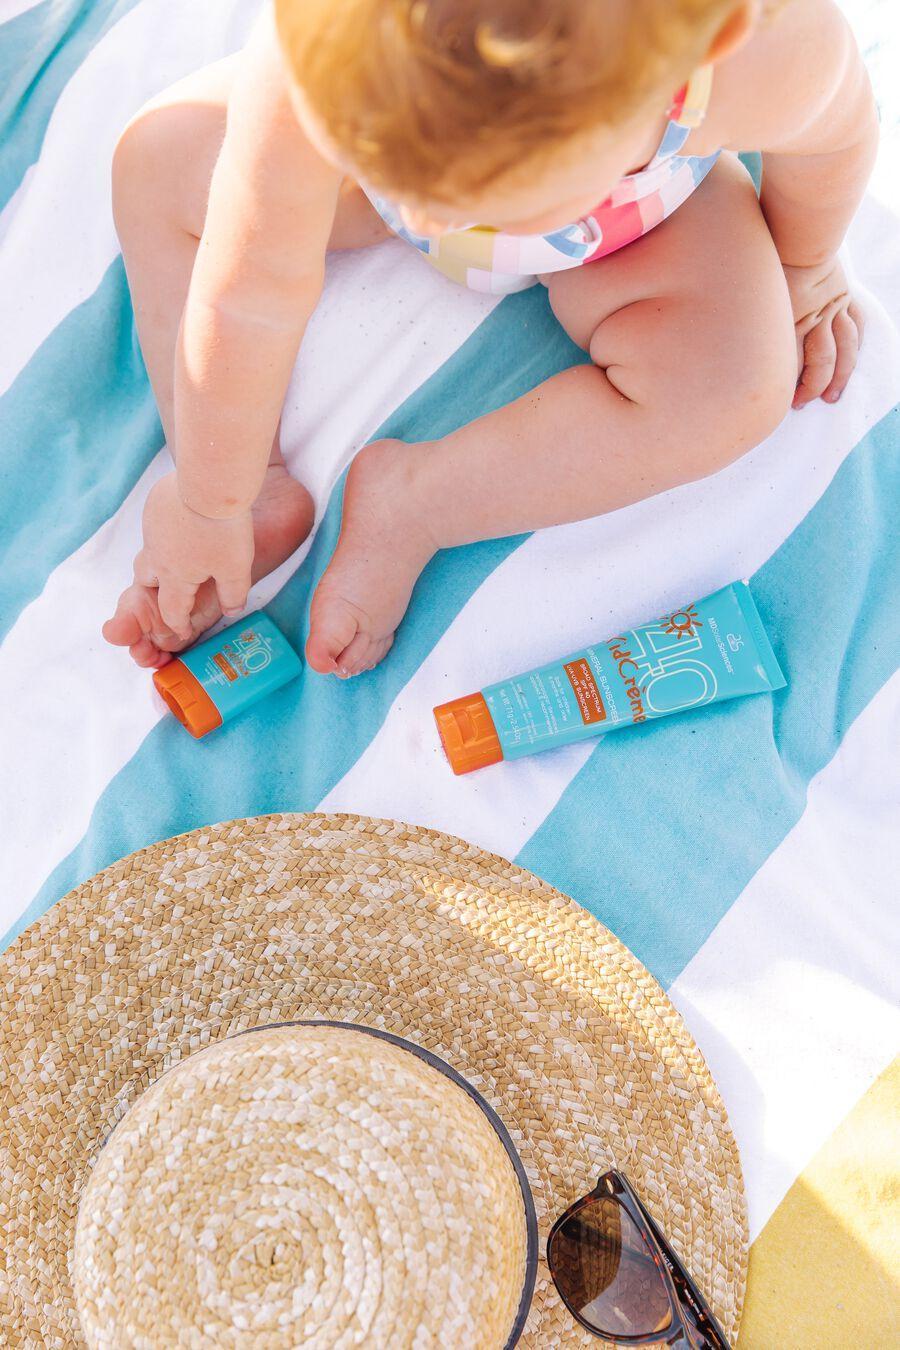 MDSolarSciences Mineral Sunscreen KidStick SPF 40, 0.4 oz., , large image number 5